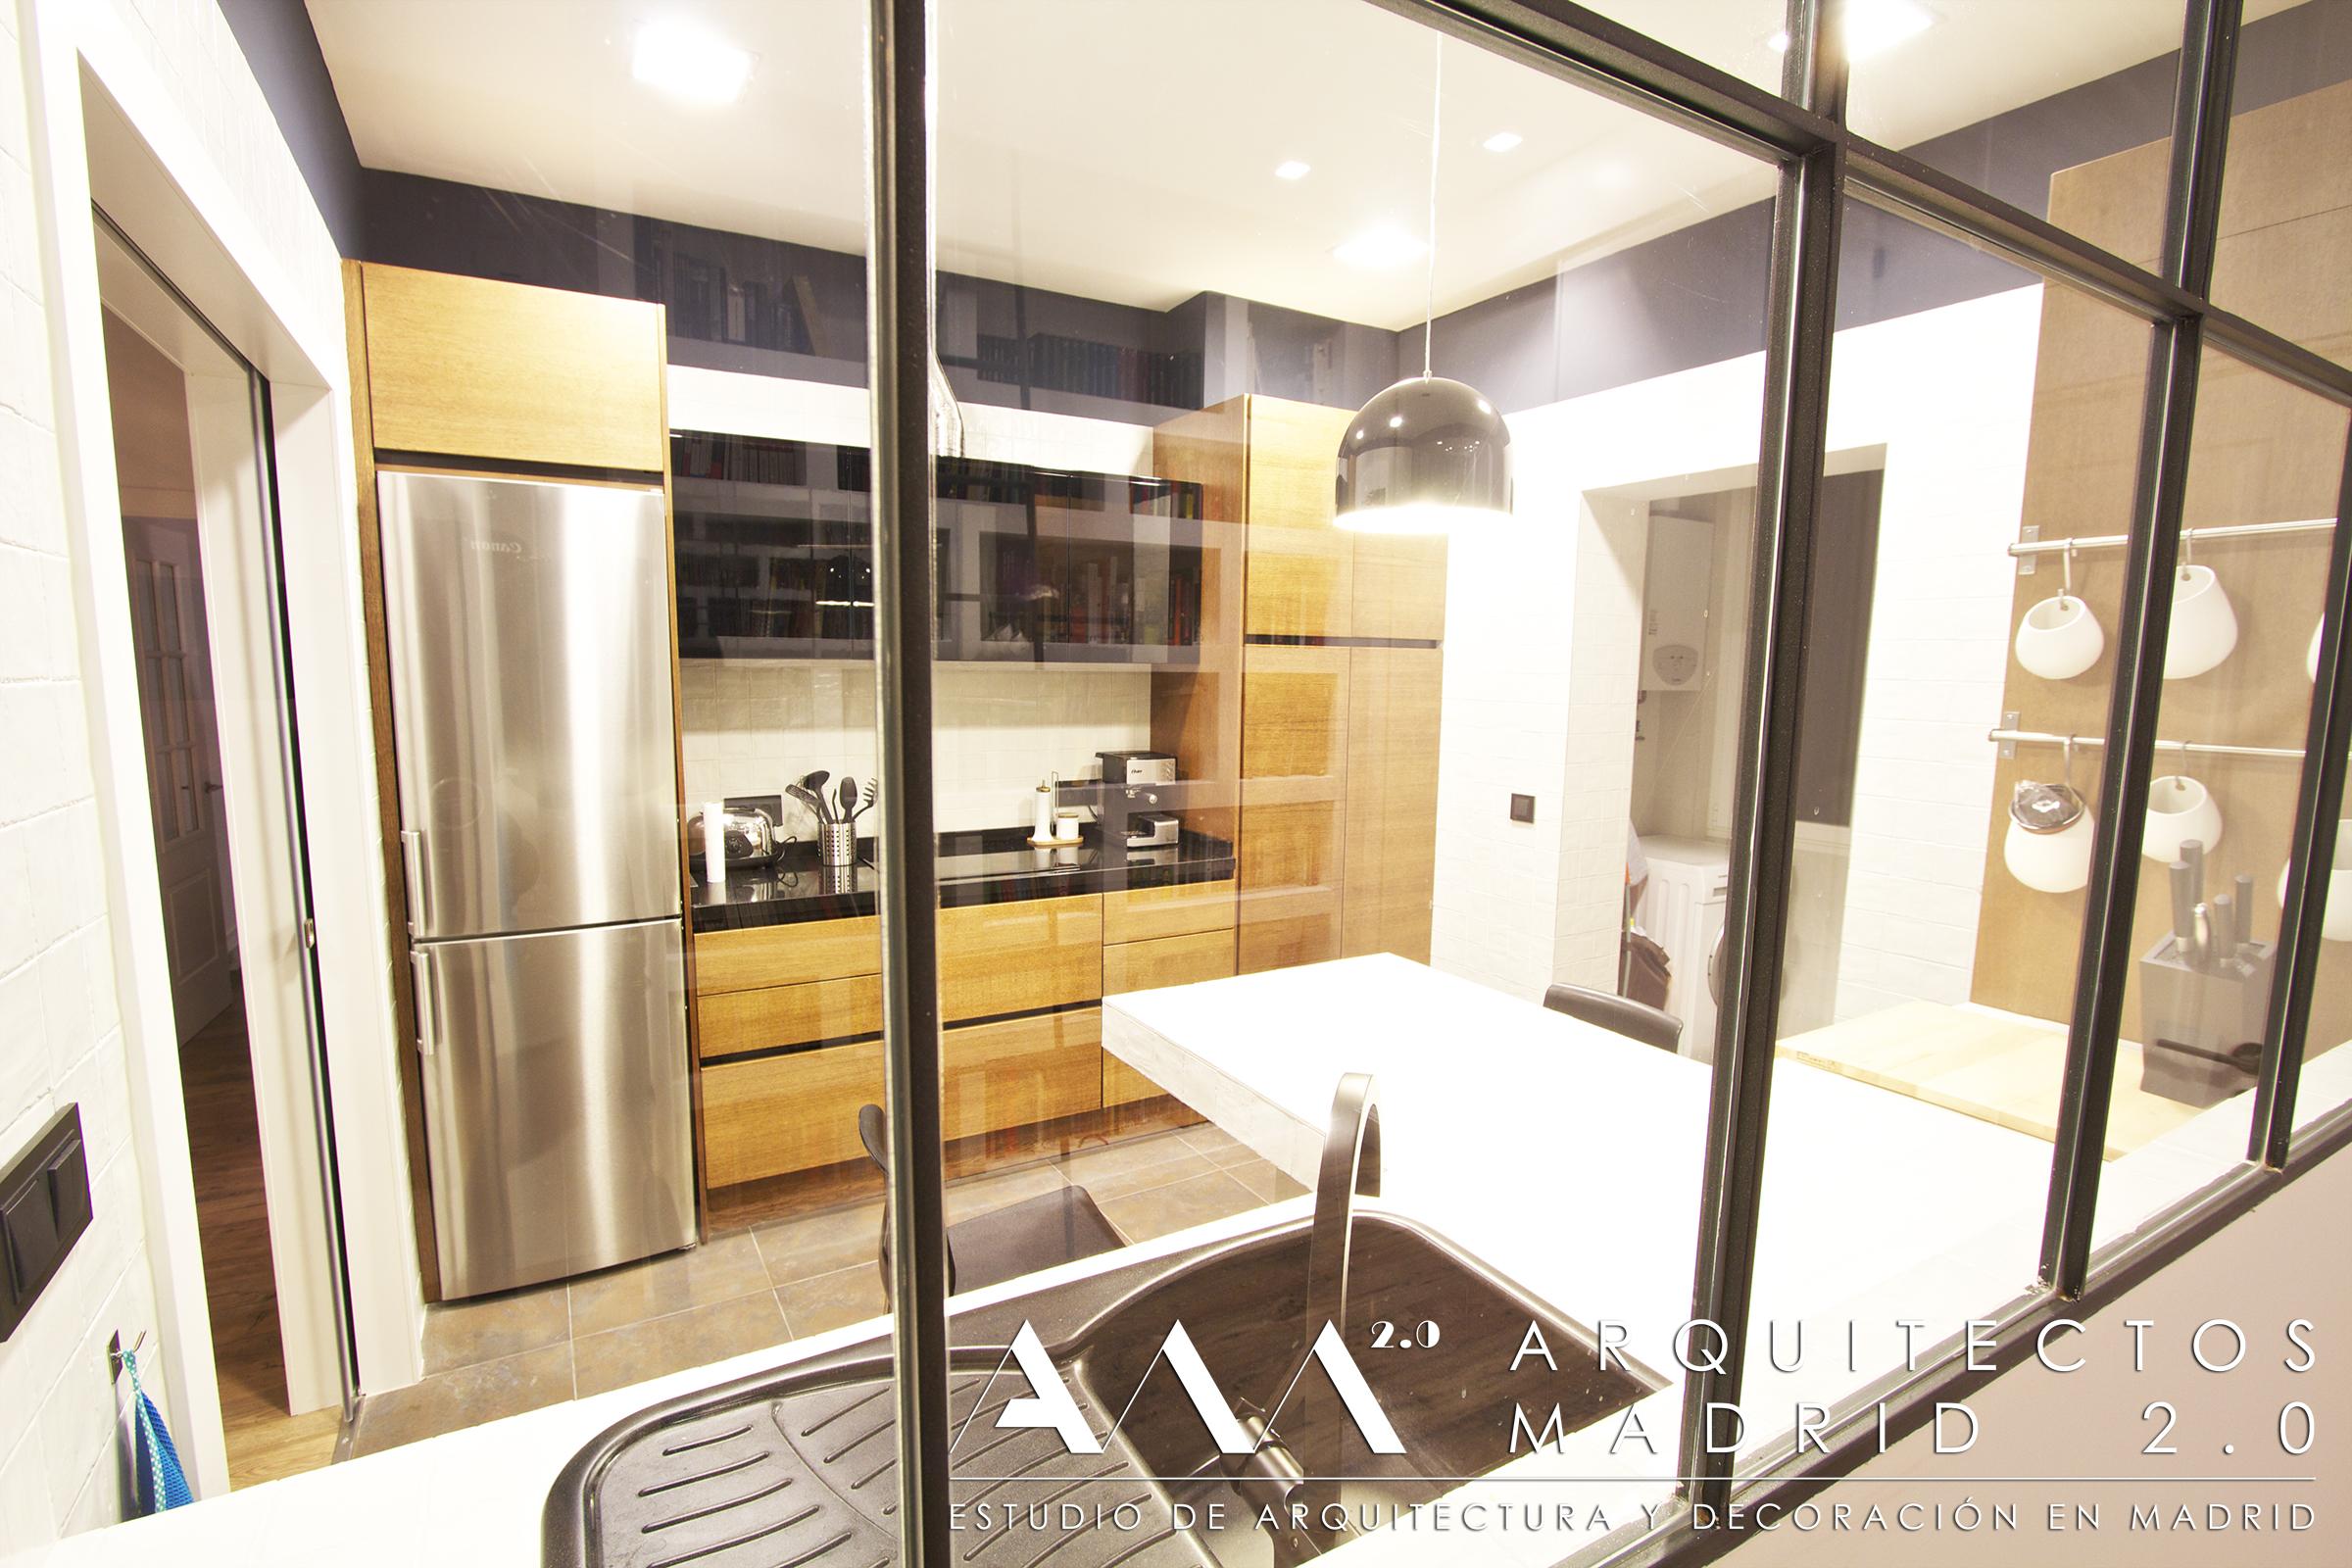 Reformas integrales de viviendas en madrid presupuestos for Coste reforma integral piso 90 metros